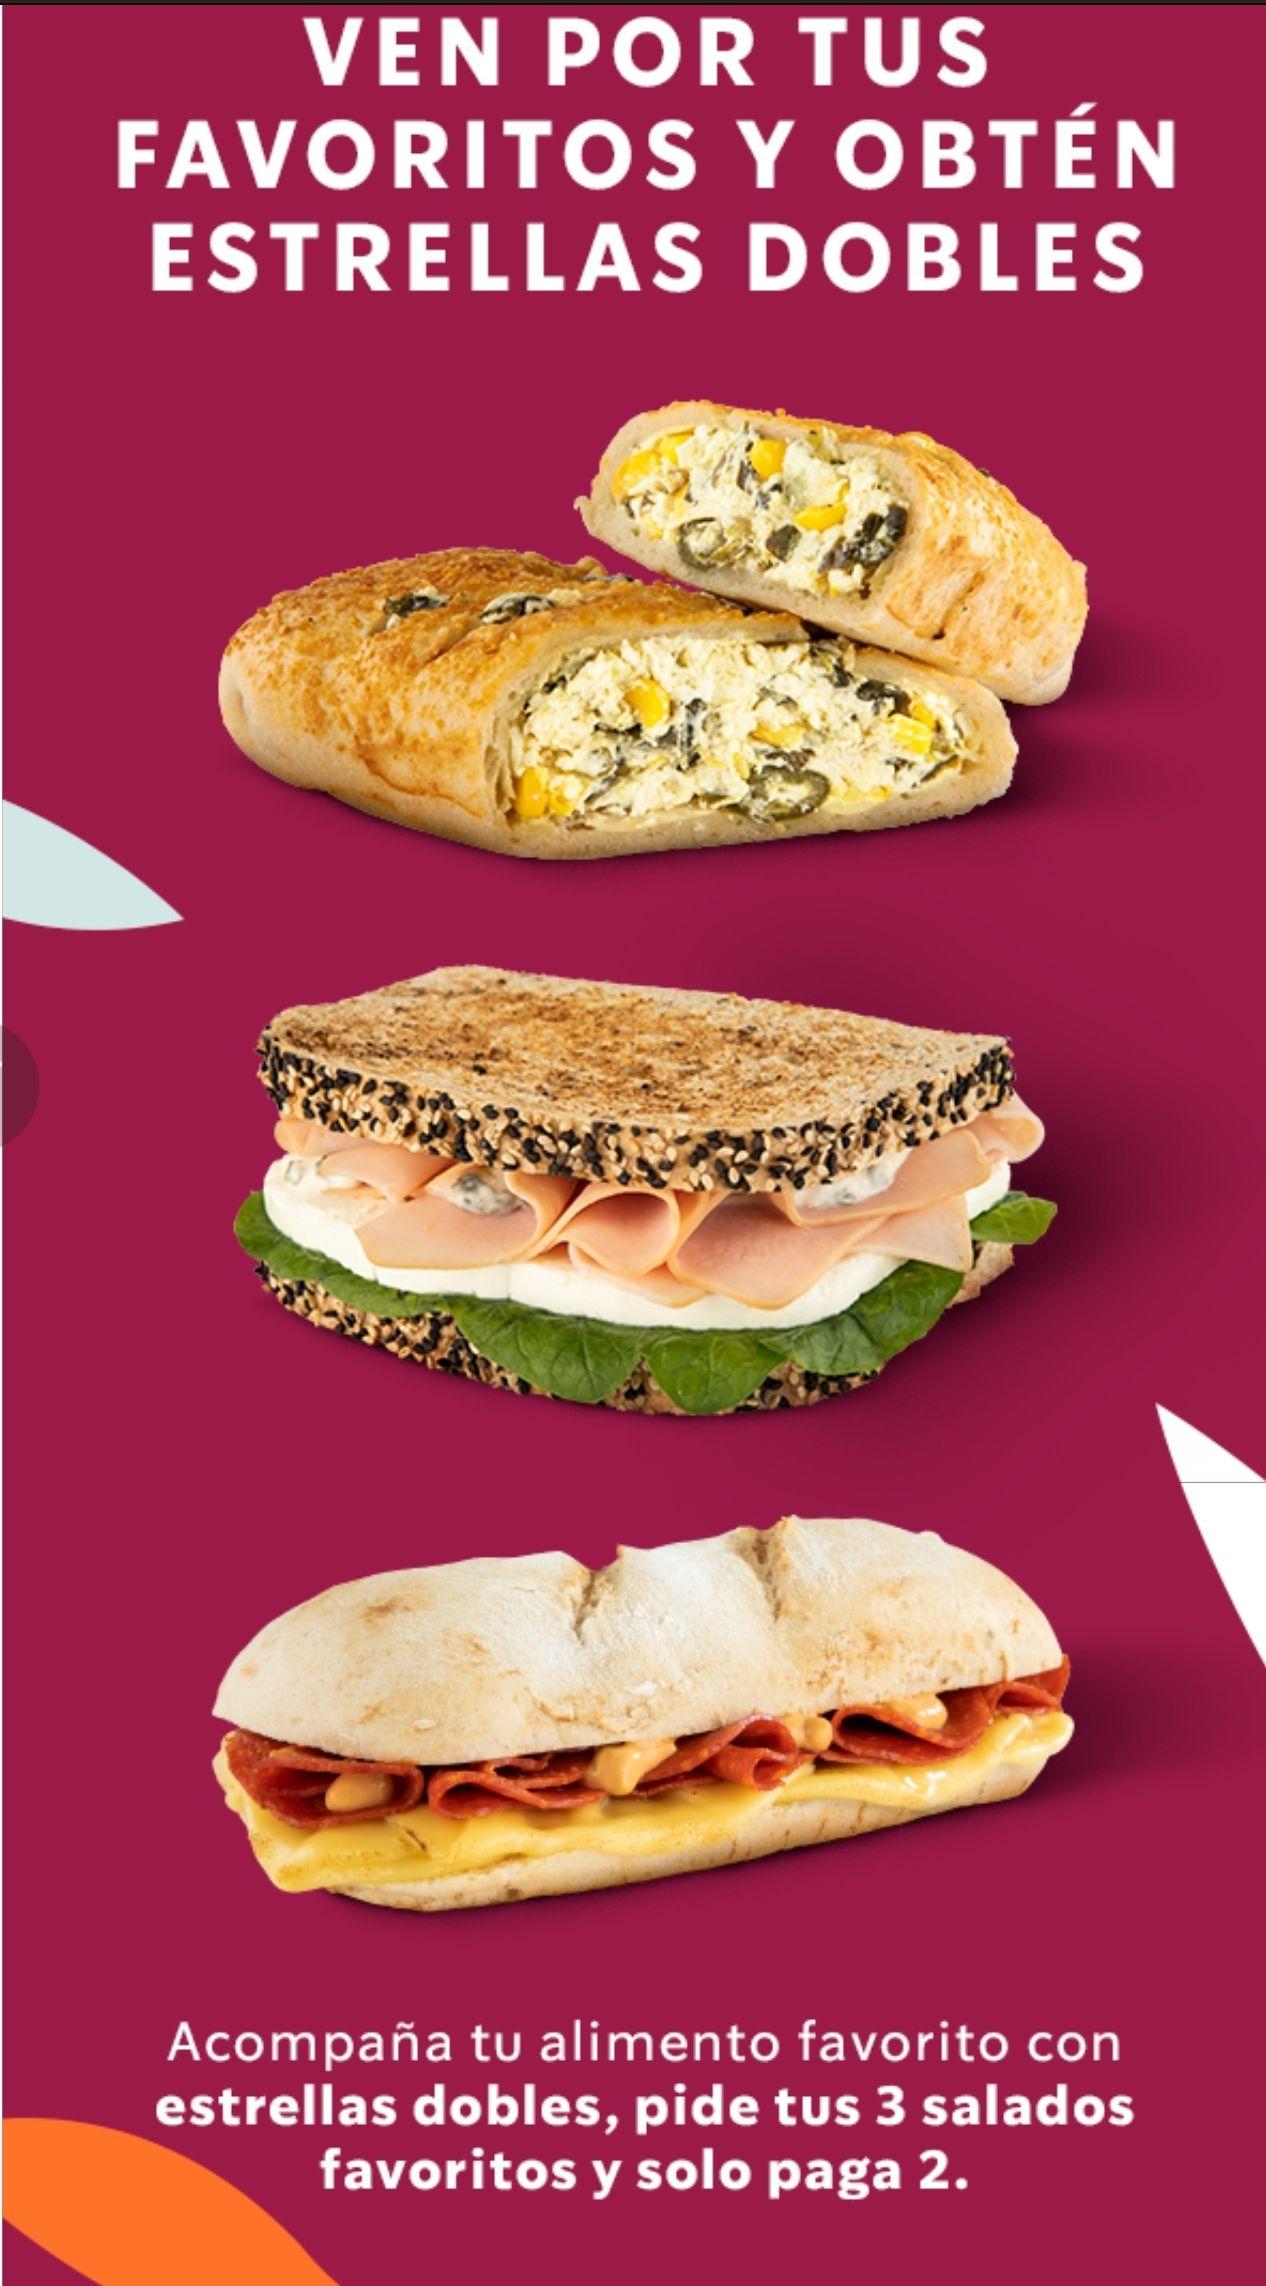 Starbucks: 3x2 en alimentos salados y estrellas dobles con Starbucks Rewards